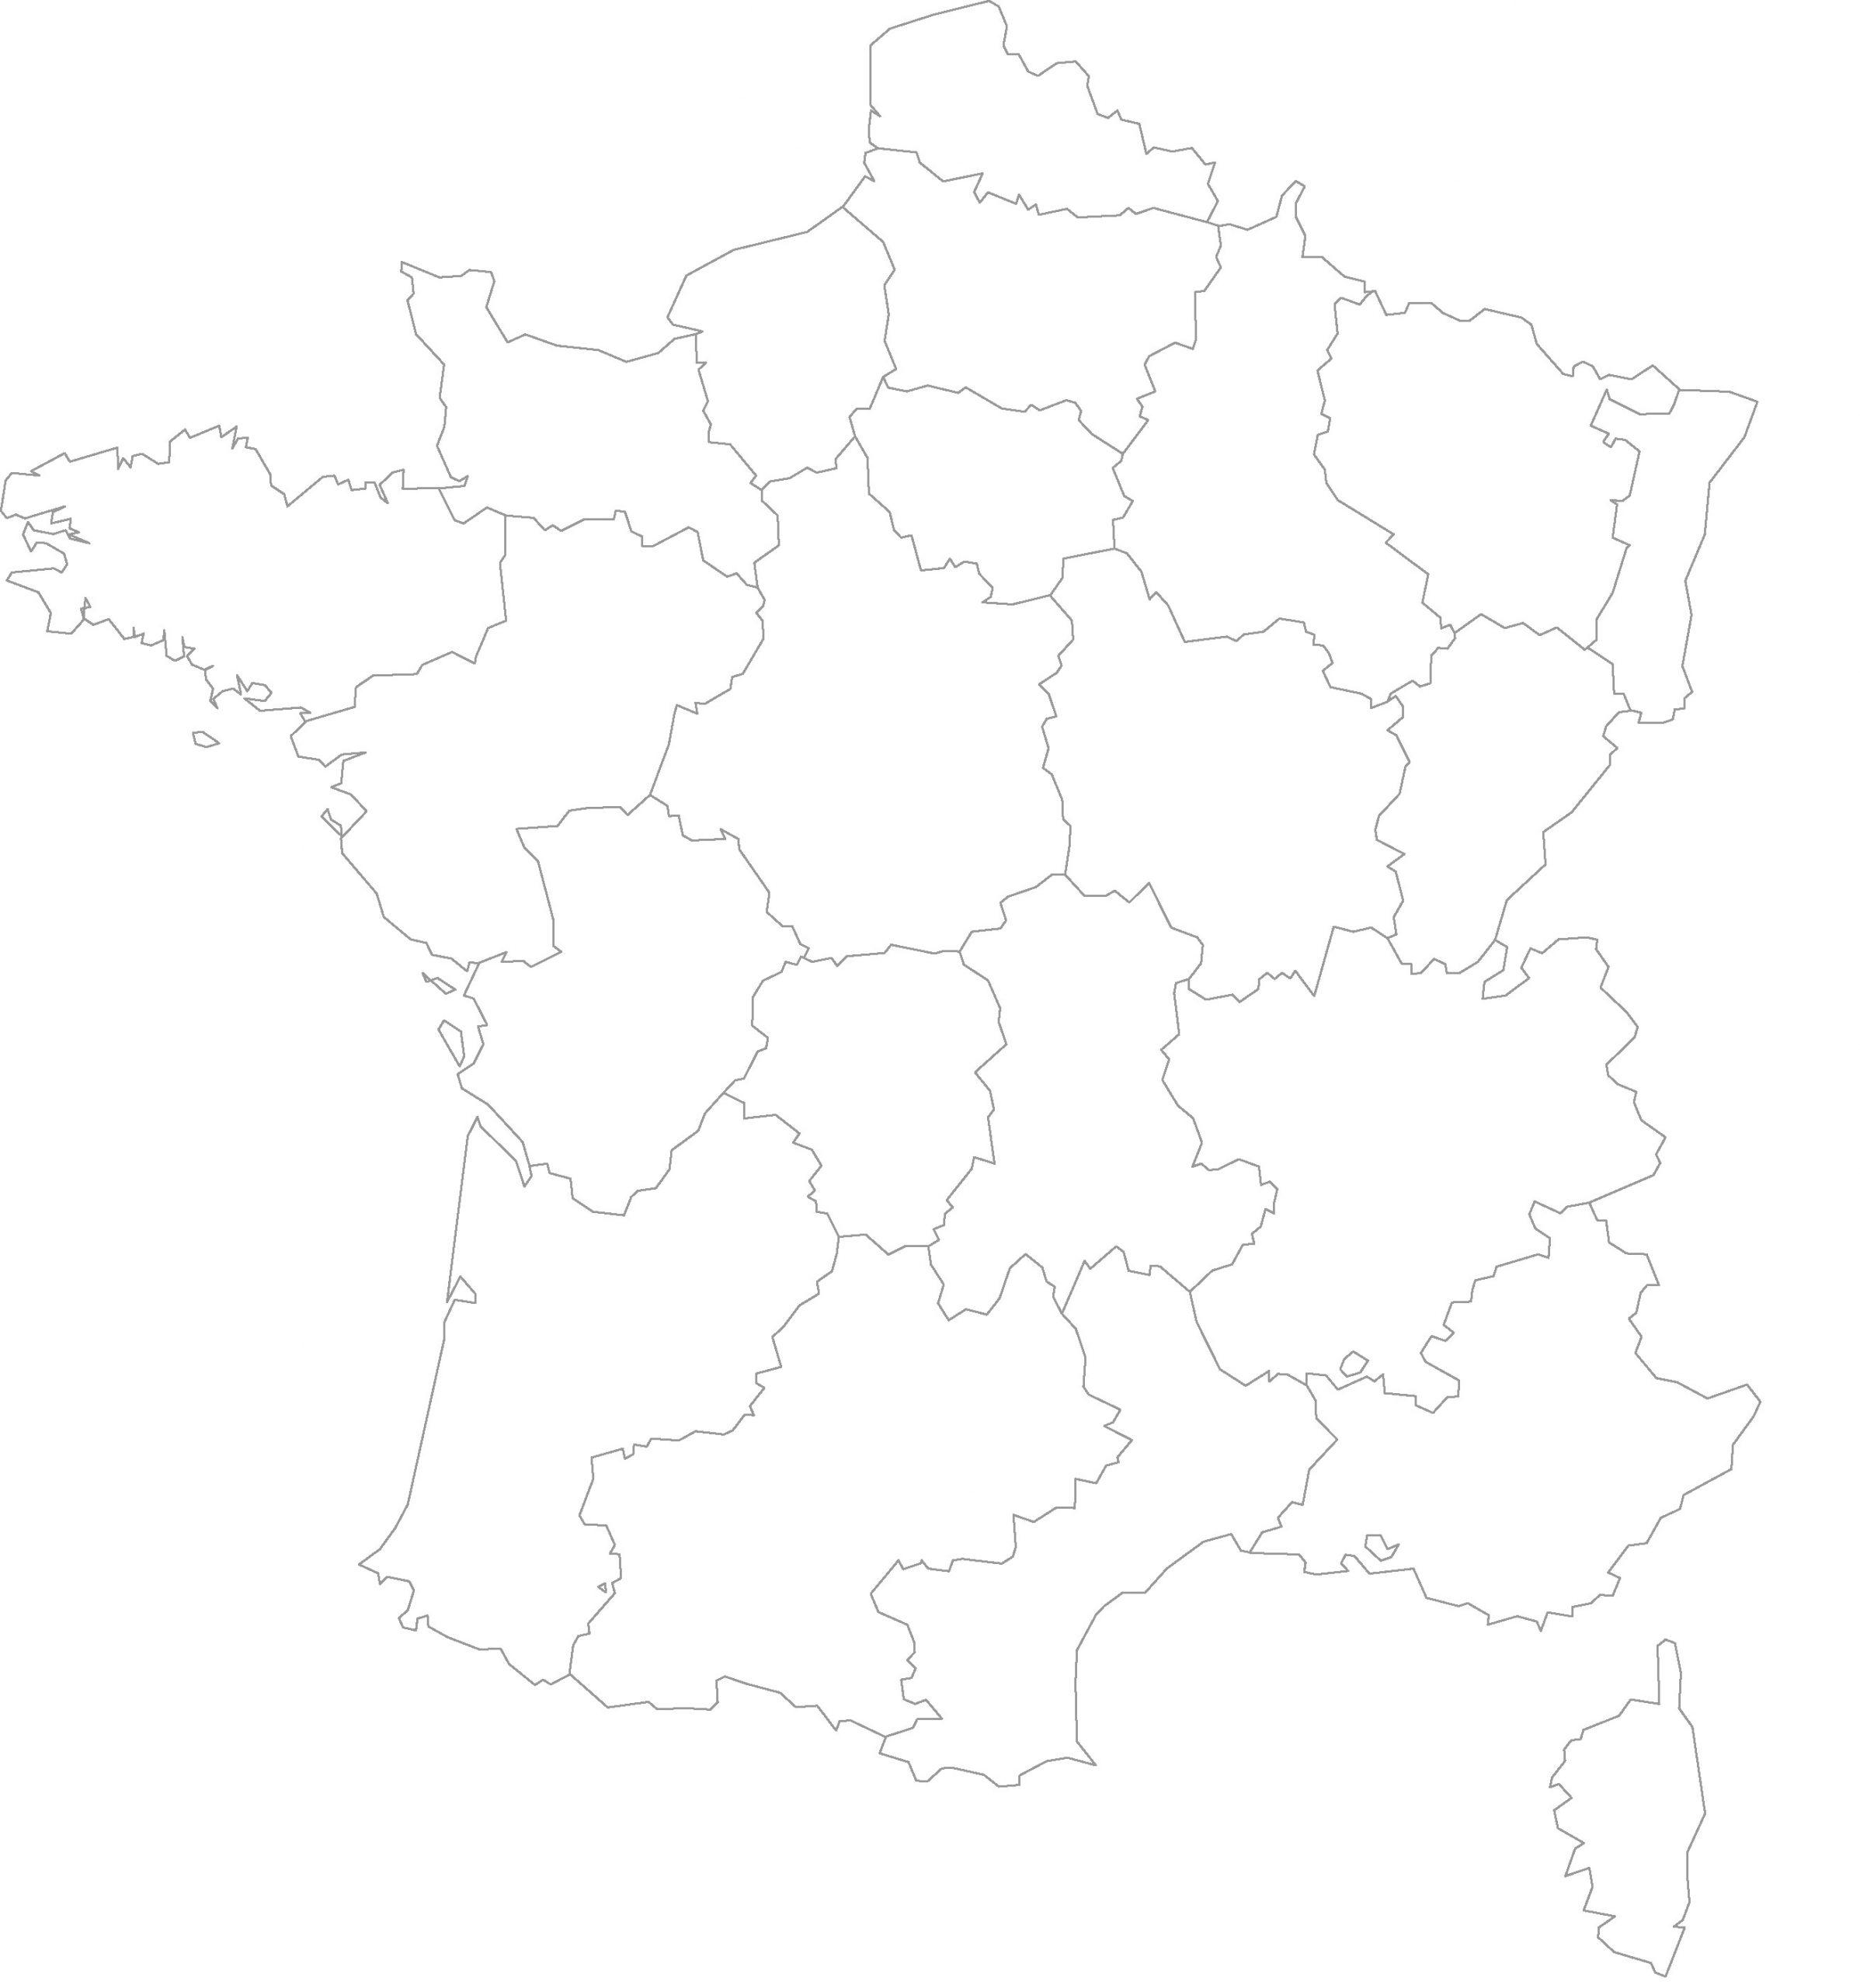 Cartes Muettes De La France À Imprimer - Chroniques avec Petite Carte De France A Imprimer